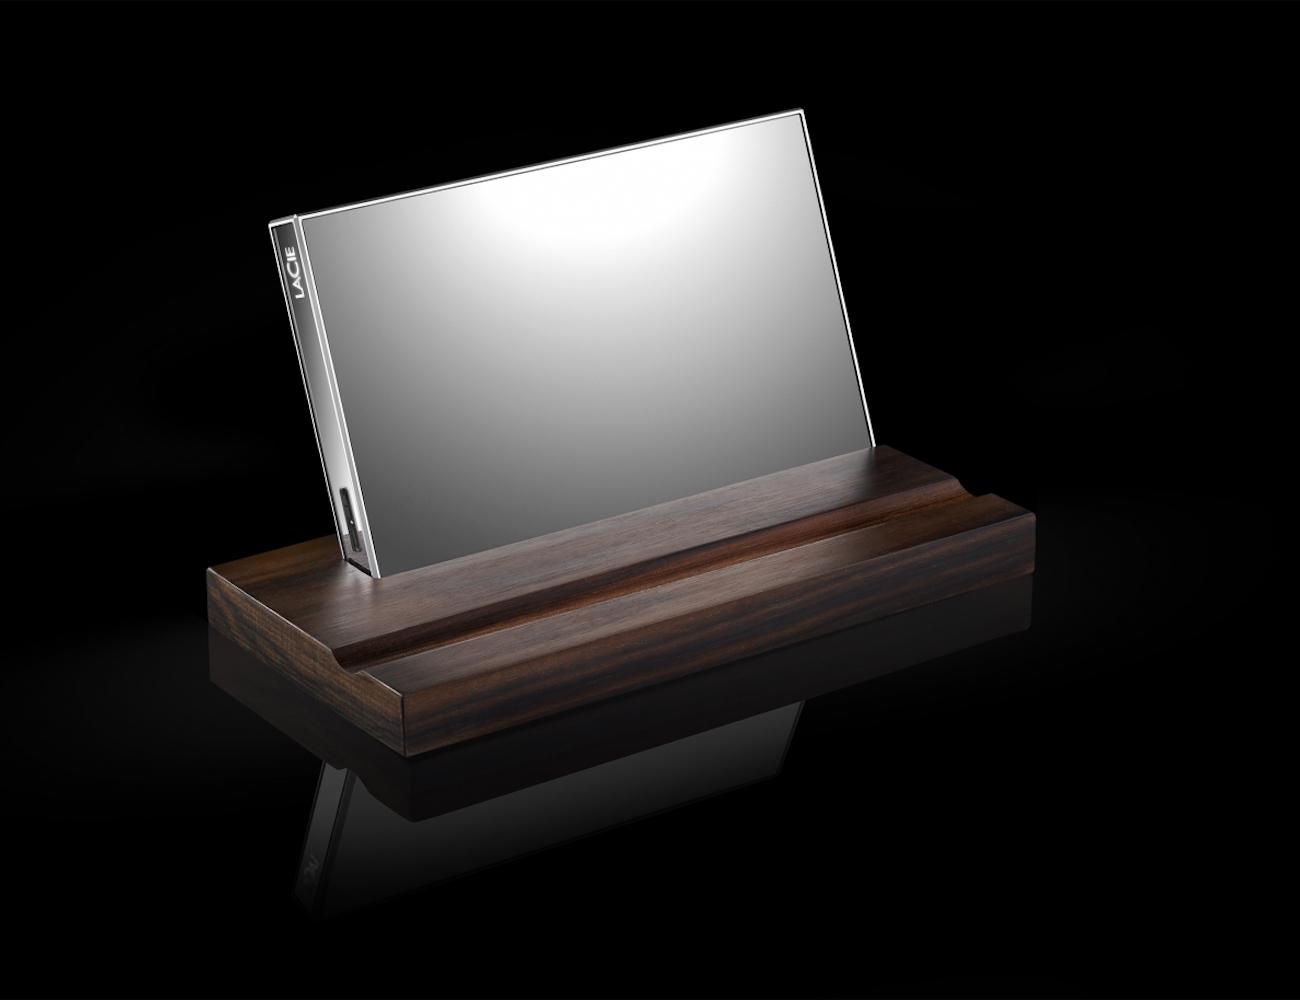 lacie-mirror-1tb-hard-drive-04